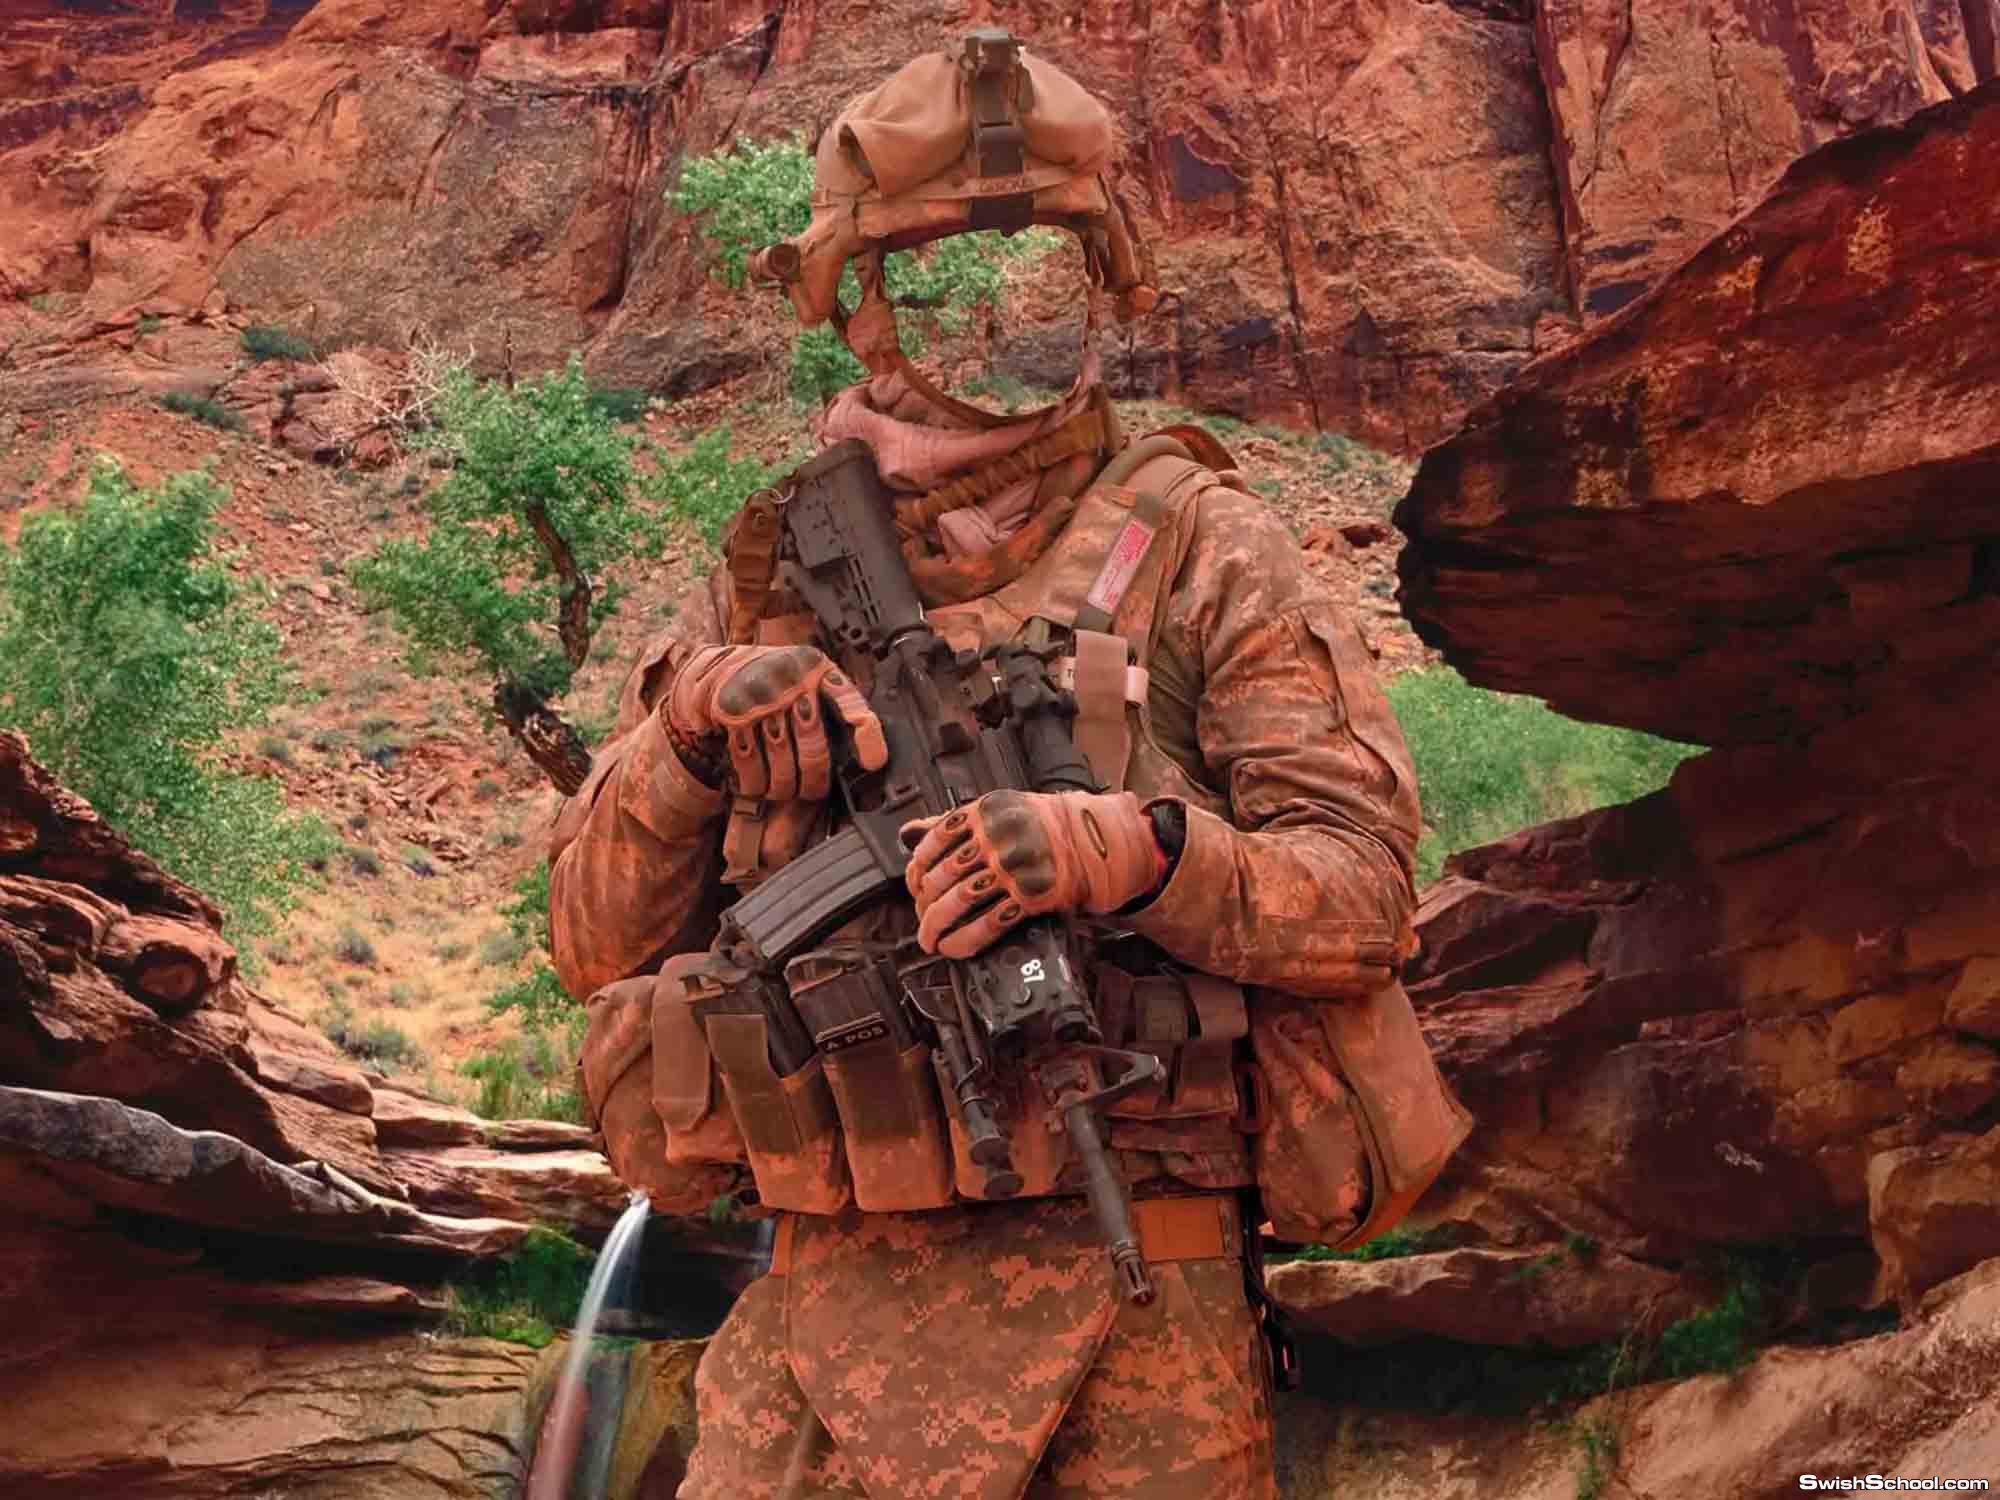 قالب لعسكرى يلبس مموه فى الجبل رائع جدا